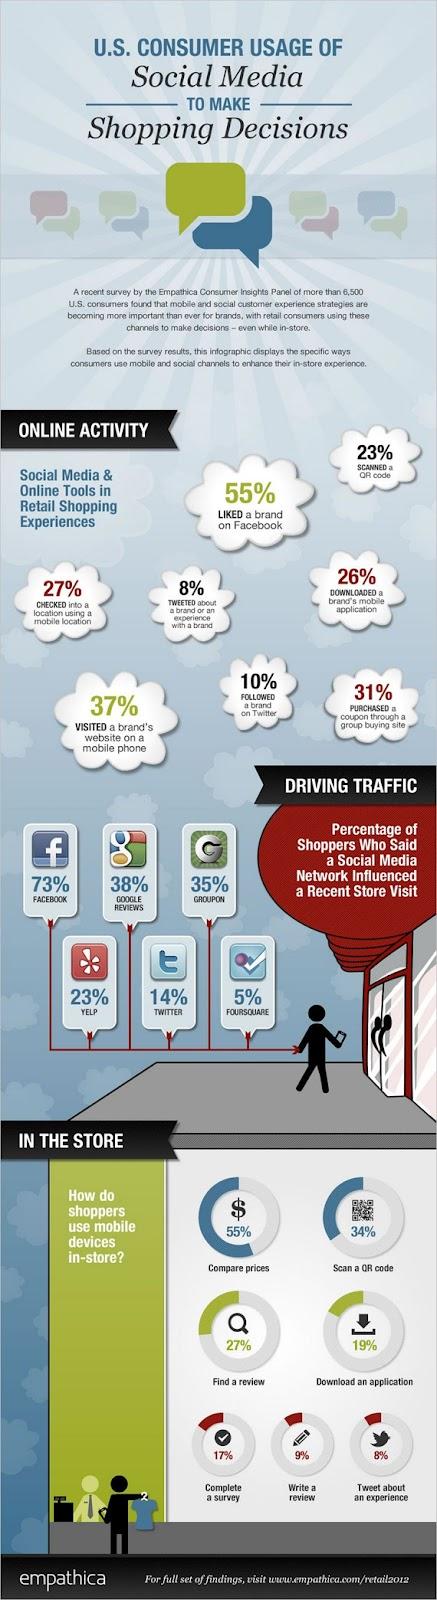 Decizia de achizitie a consumatorilor este influentata de informatiile publicate pe retelele sociale